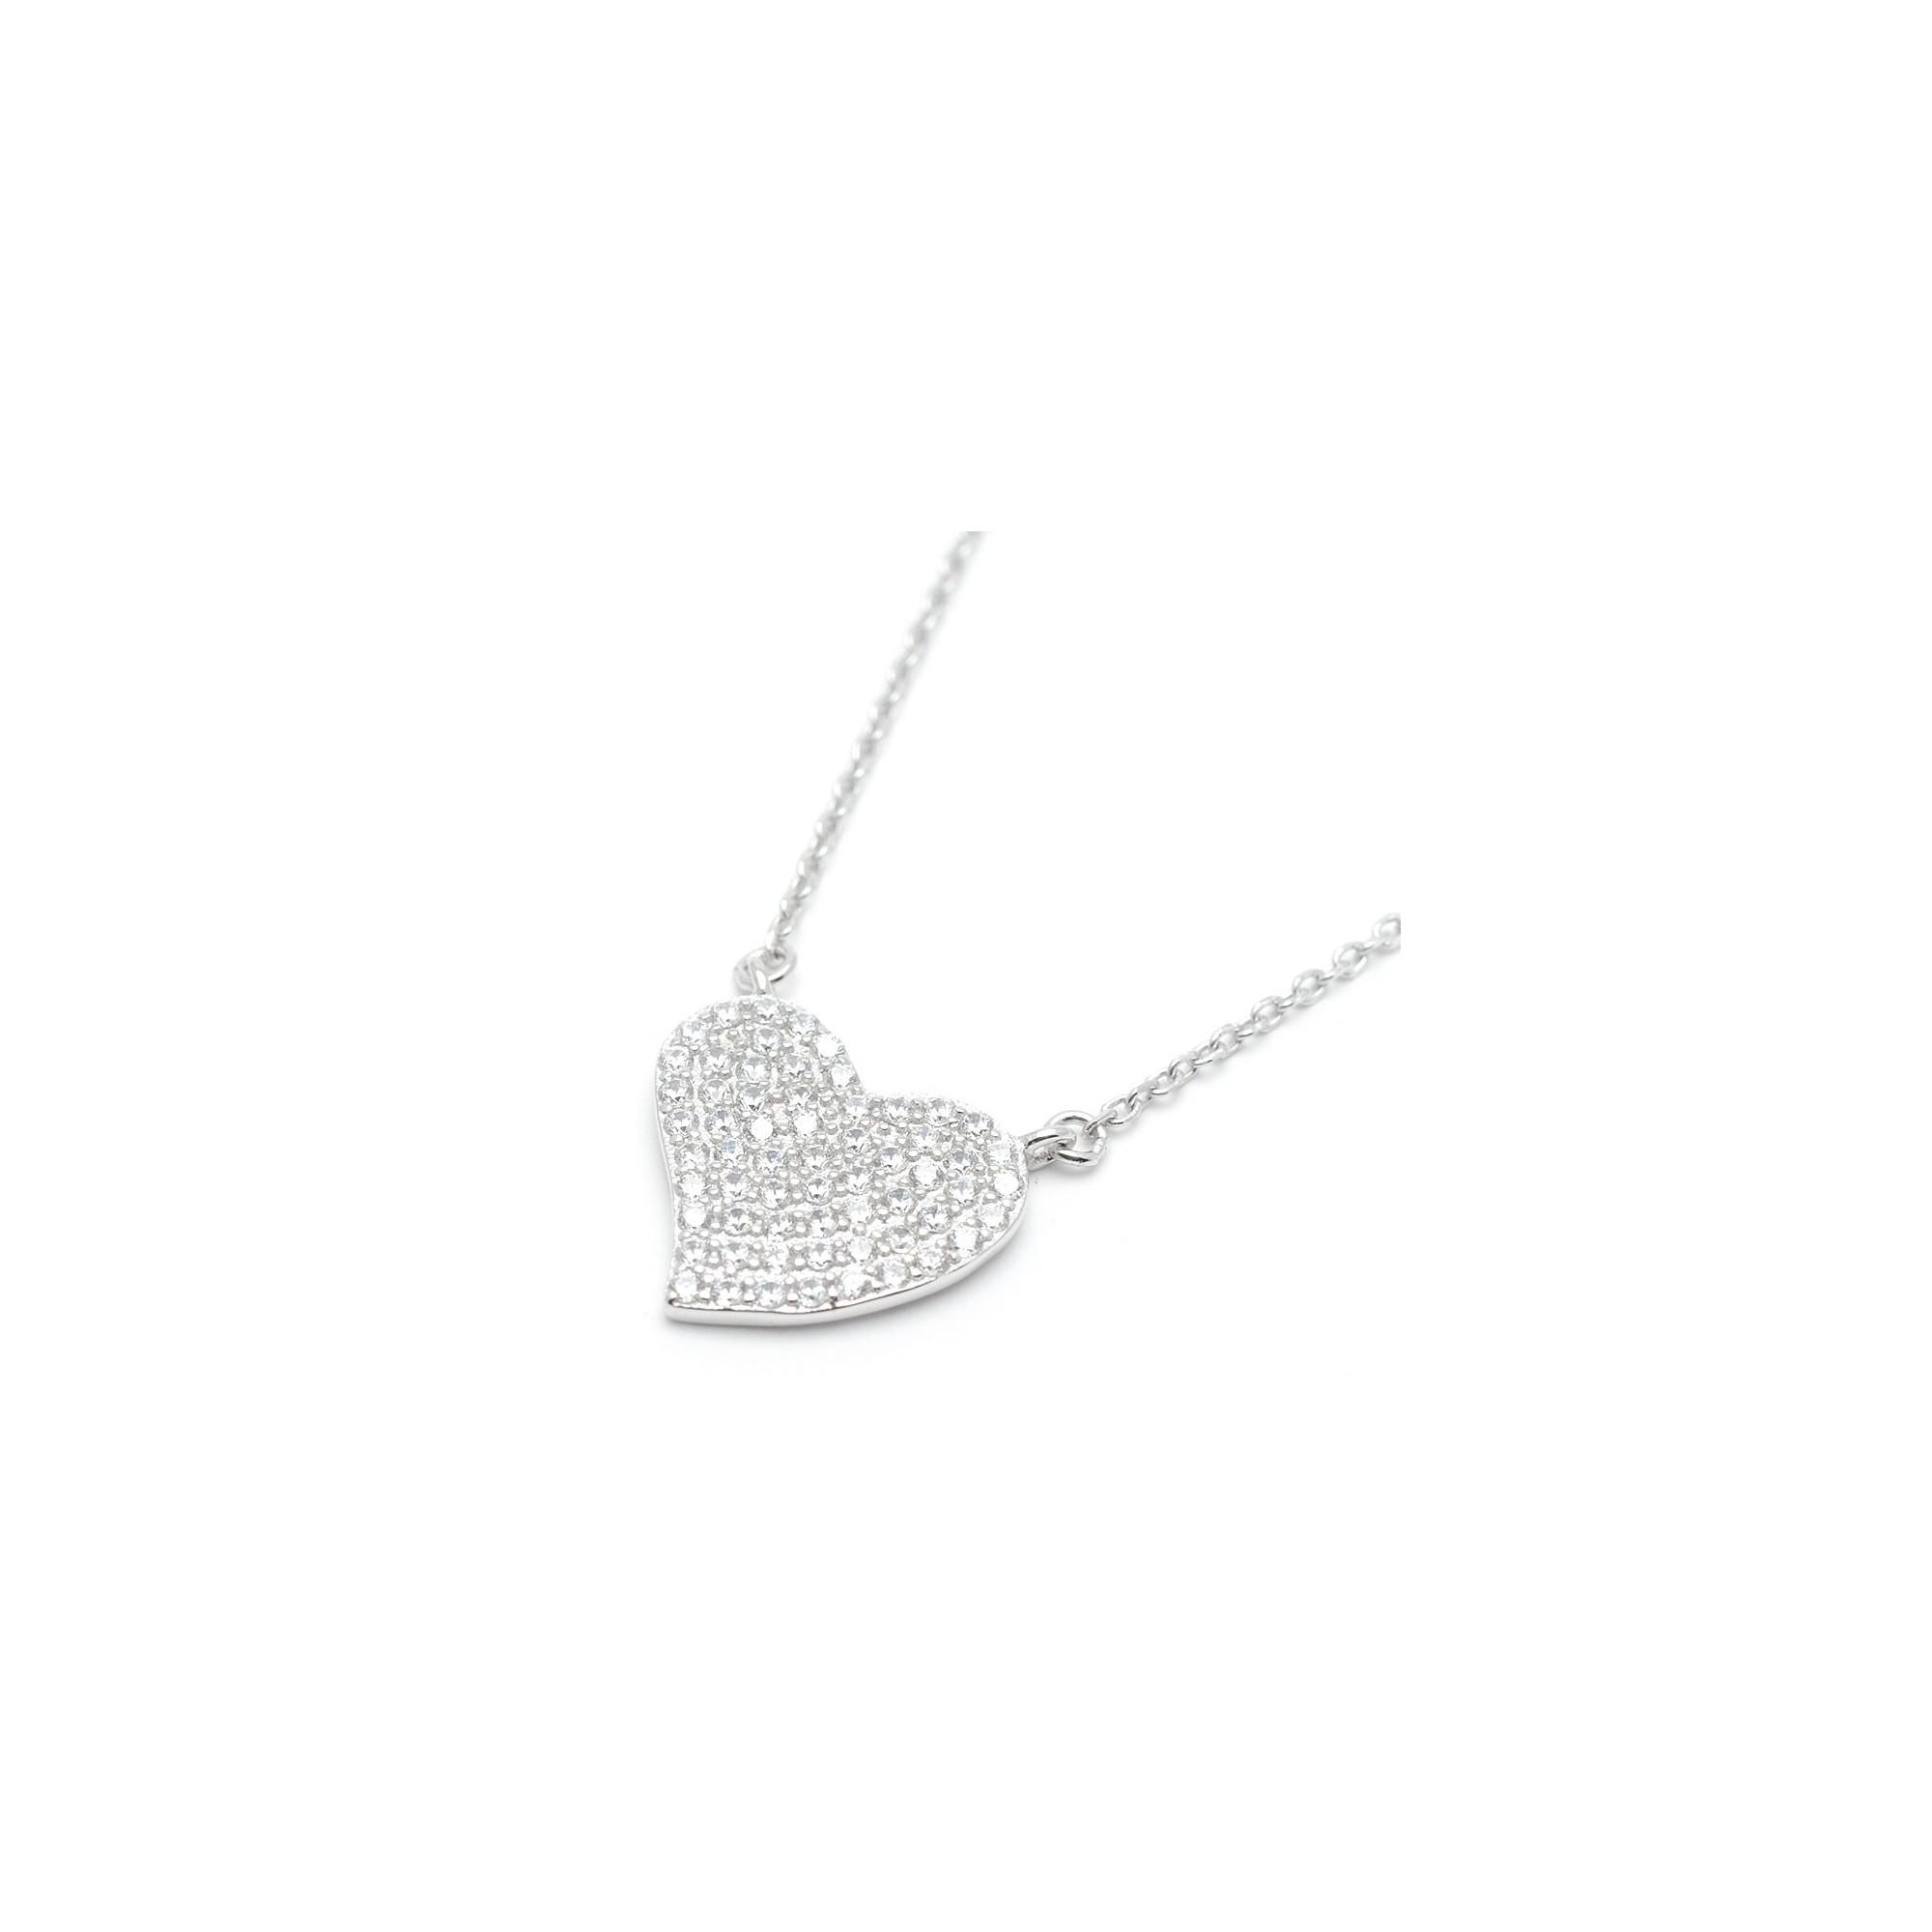 7e72c2bcc044 Colgante Plata Corazón Cristales